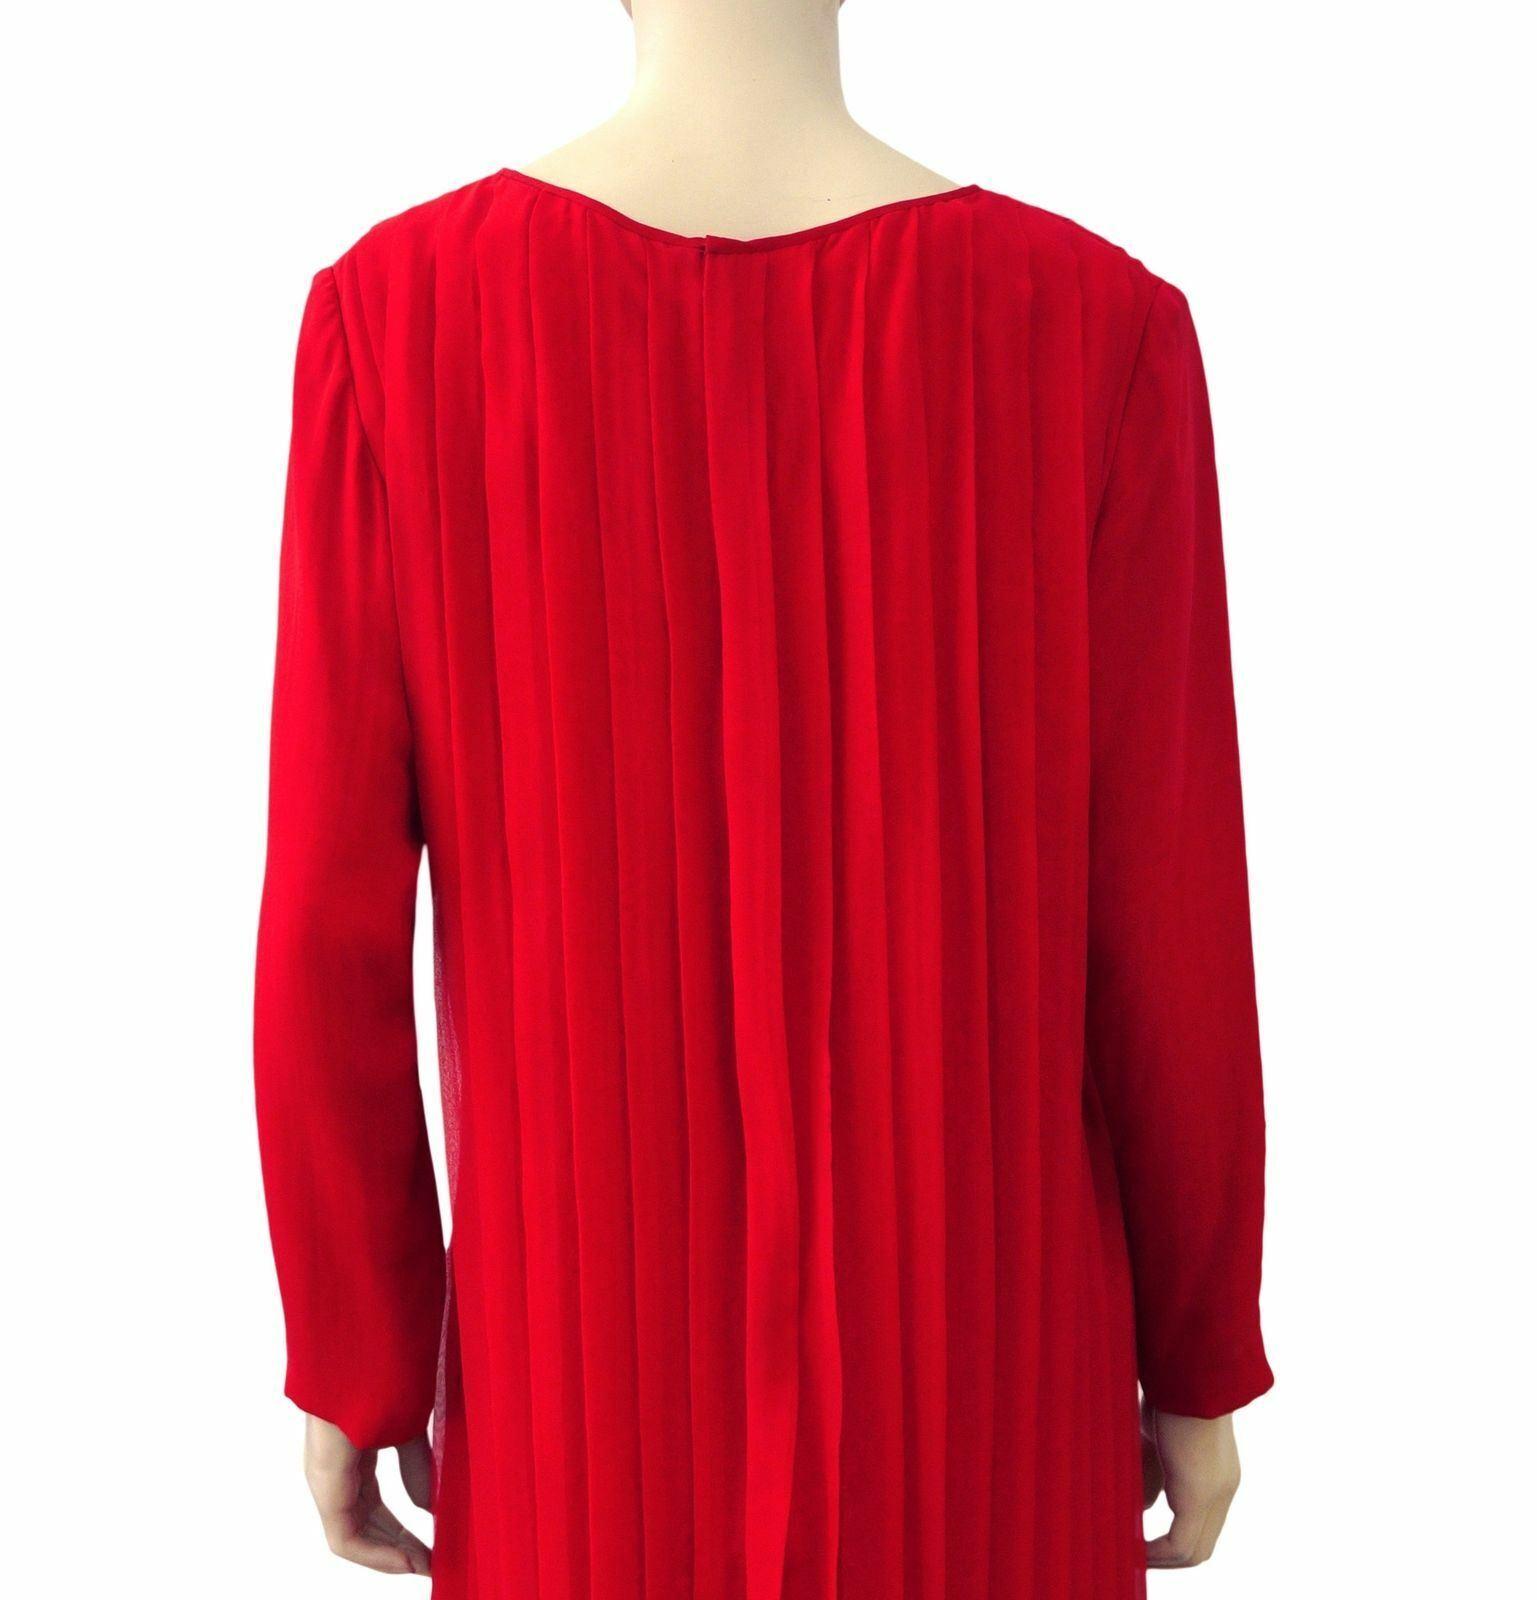 GALANOS GALANOS GALANOS for Amen Wardy Red Pleated Silk Midi Shift Dress M L 302982